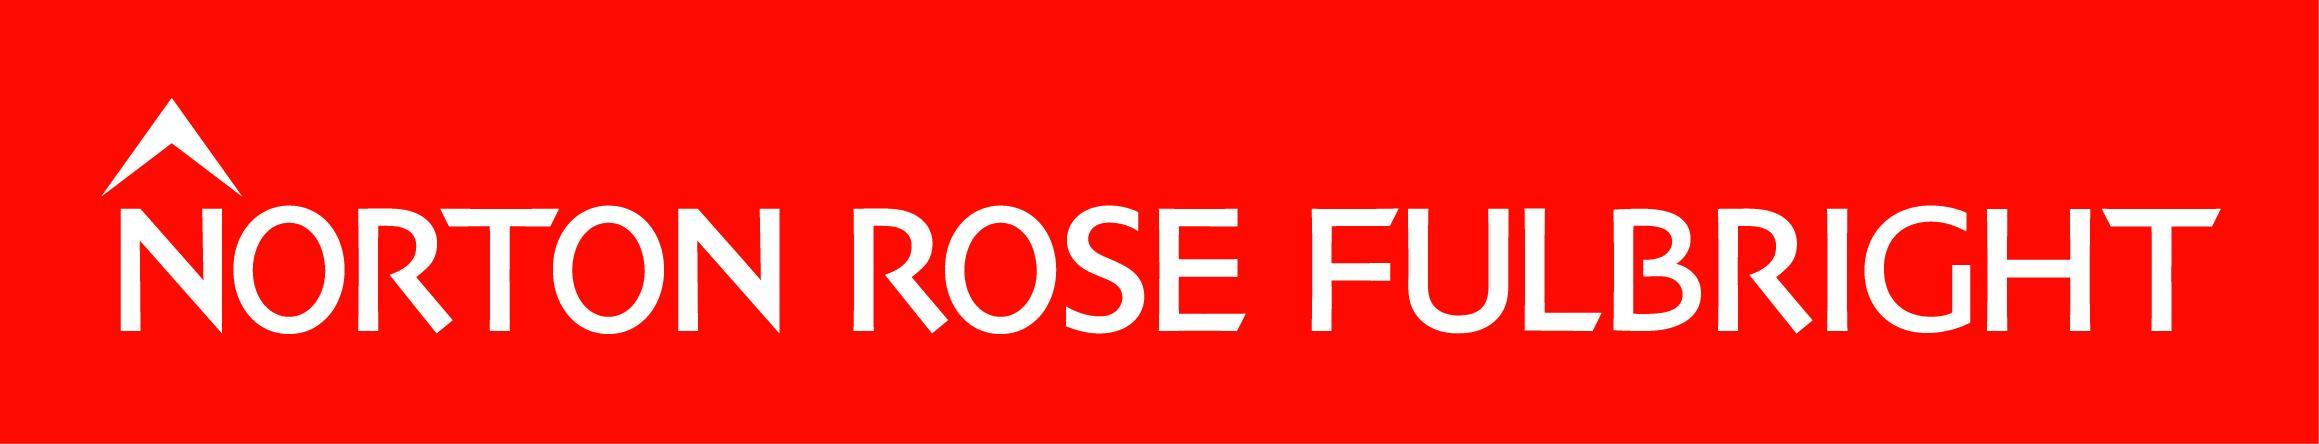 norton rose.jpg